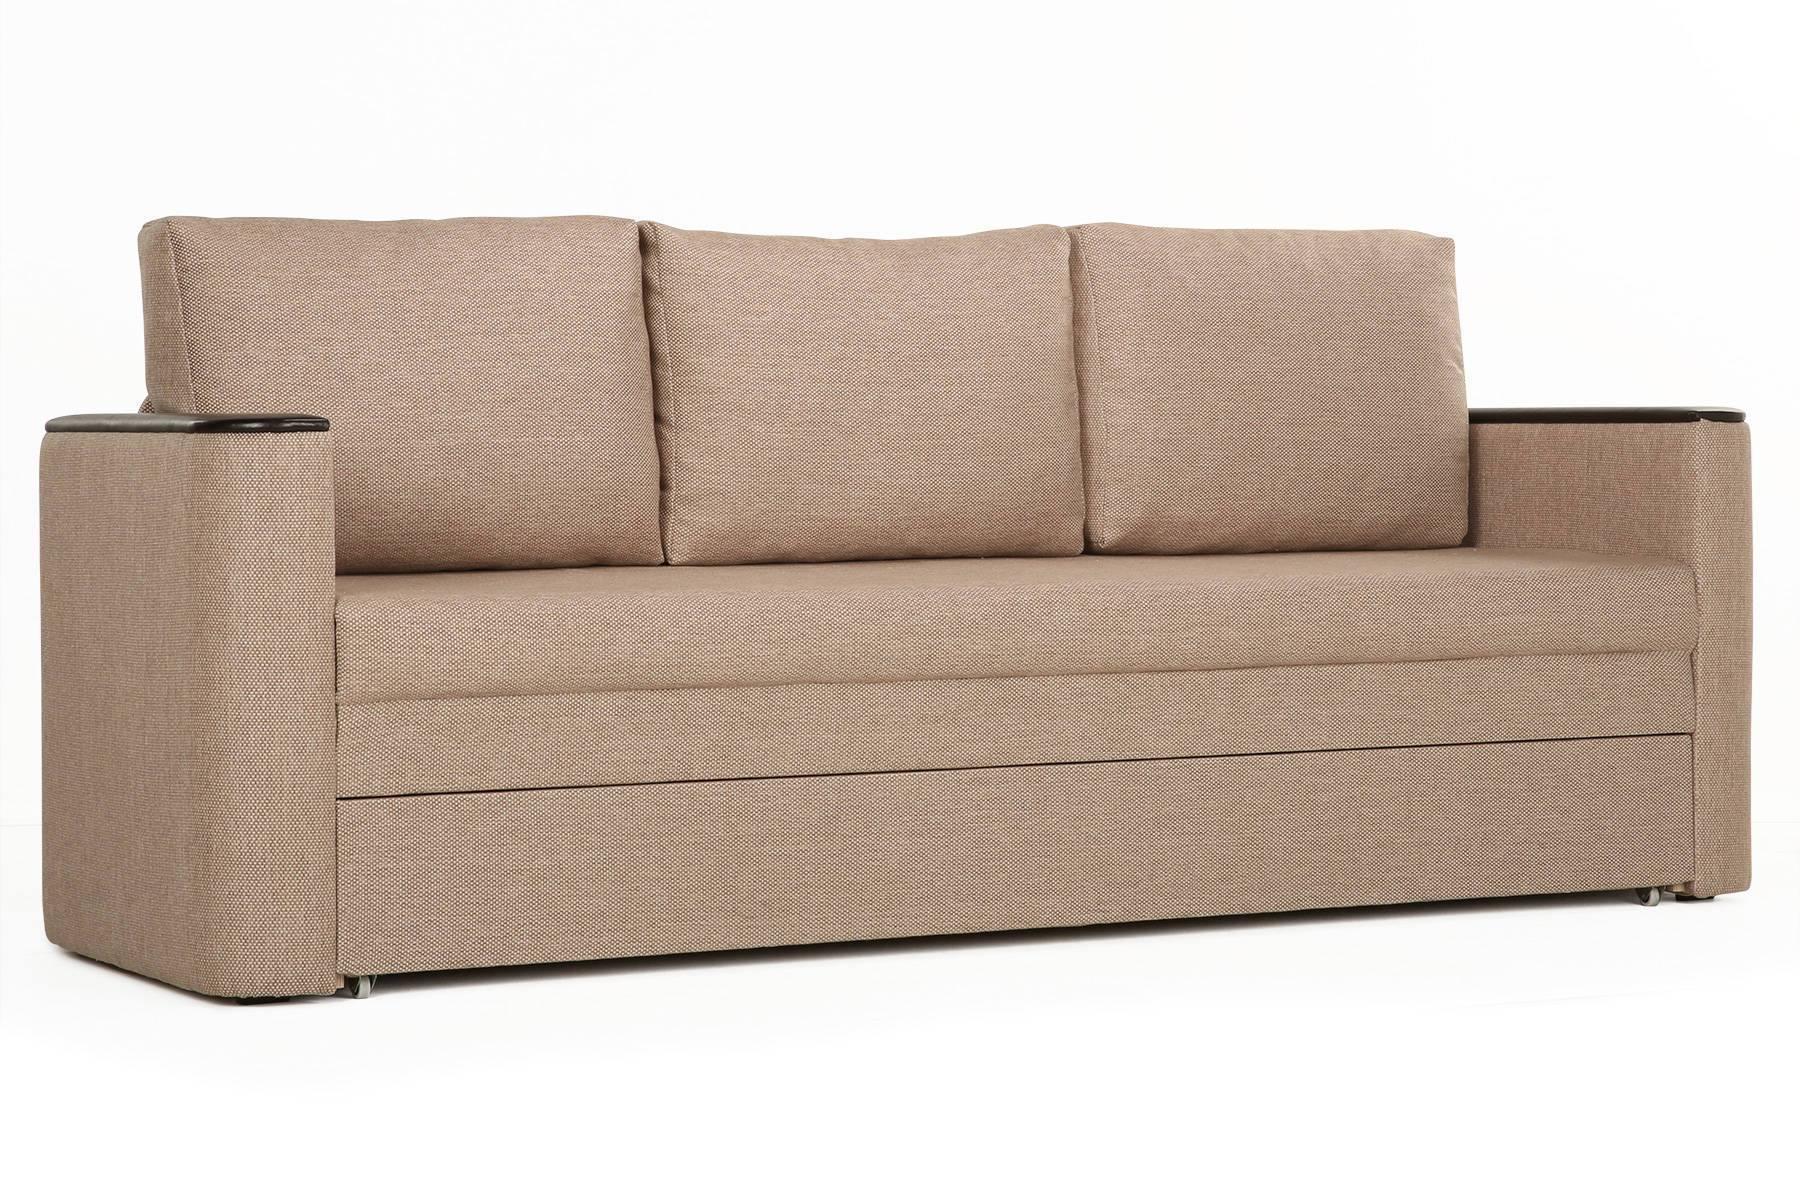 матрас для кровати 160х200 дешево